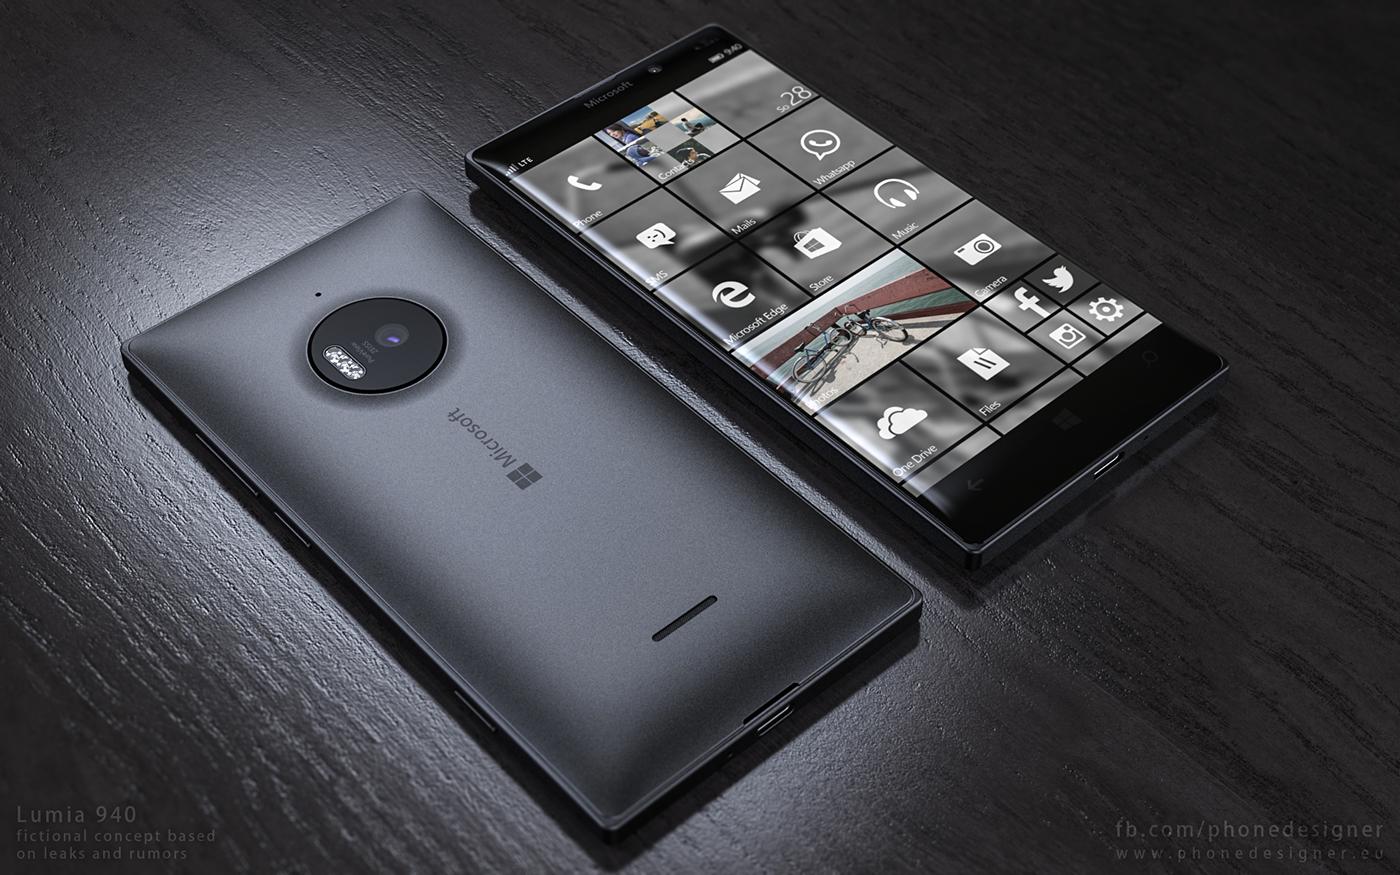 Lumia 940 Concept 10